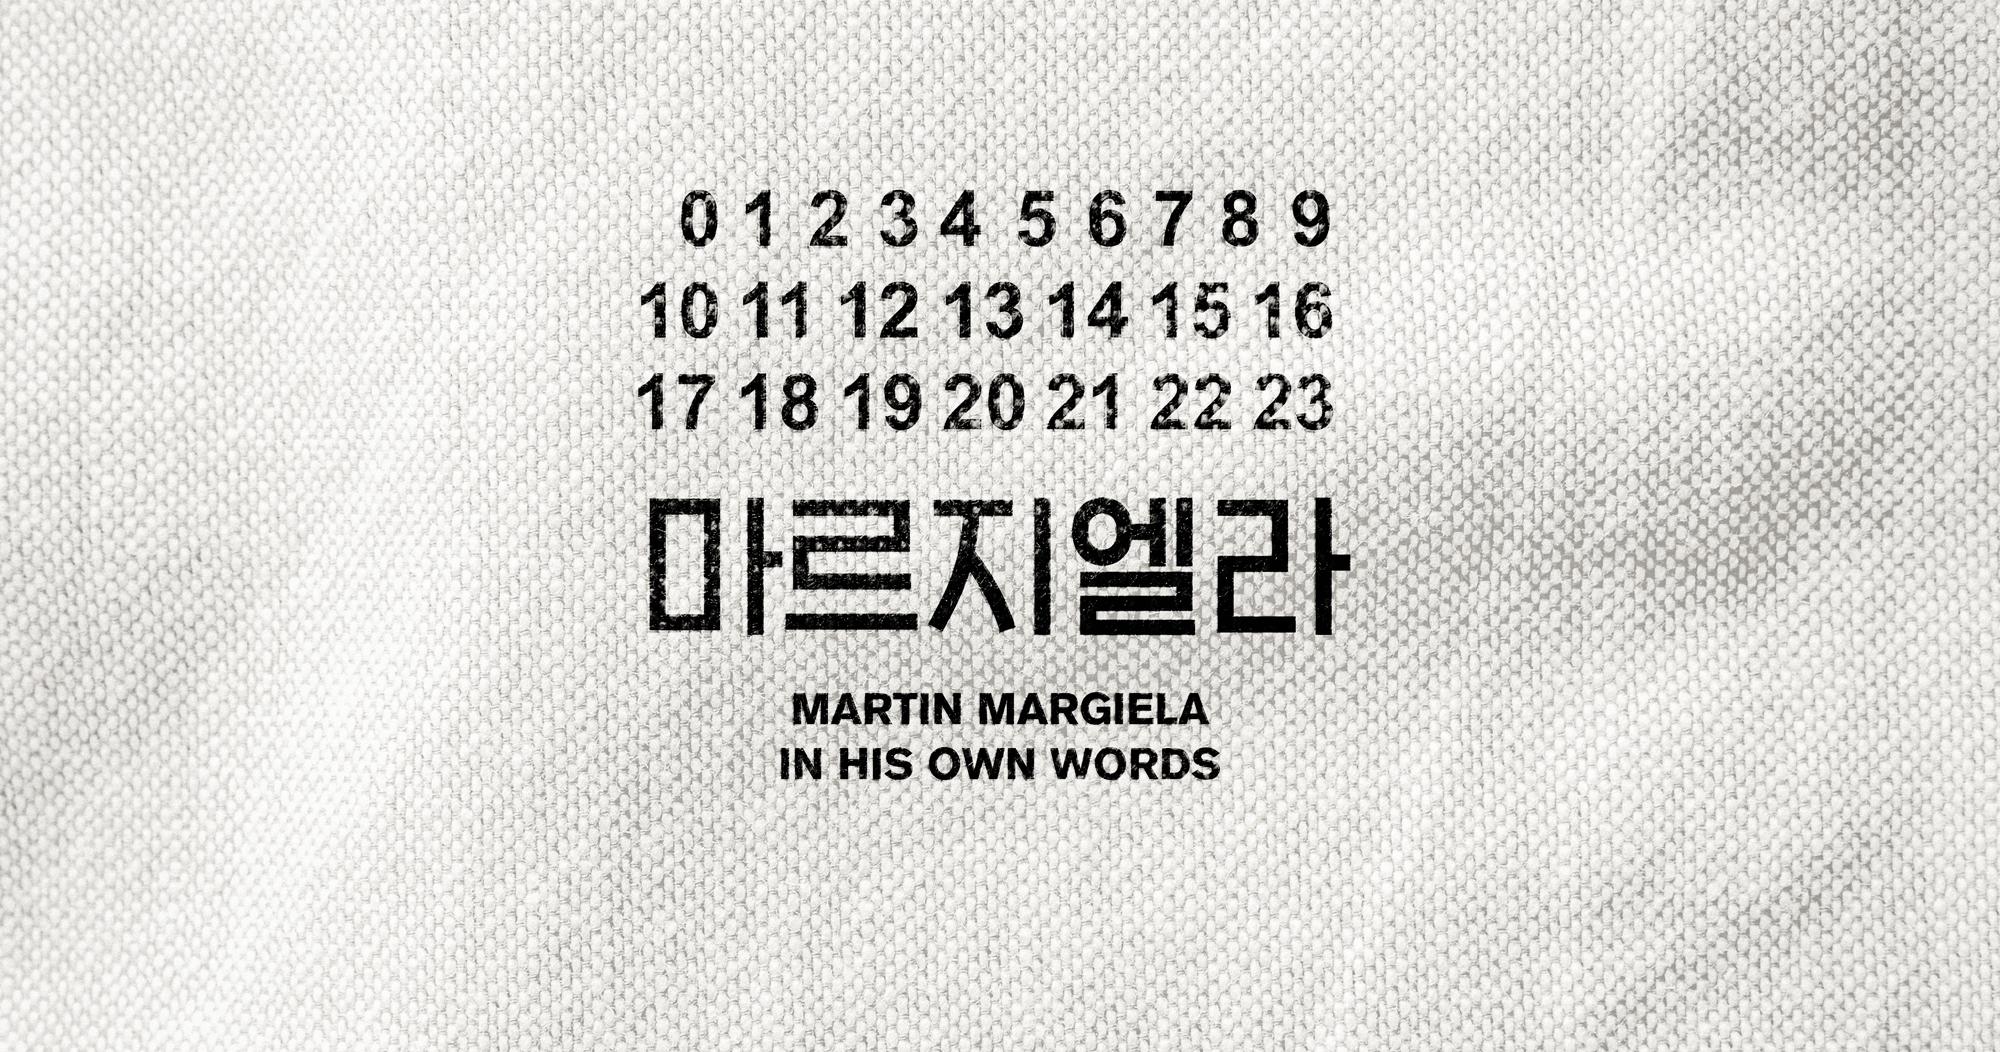 キム・ジェウク, コン・ヒョジン, ユ・アイン, My マルジェラ